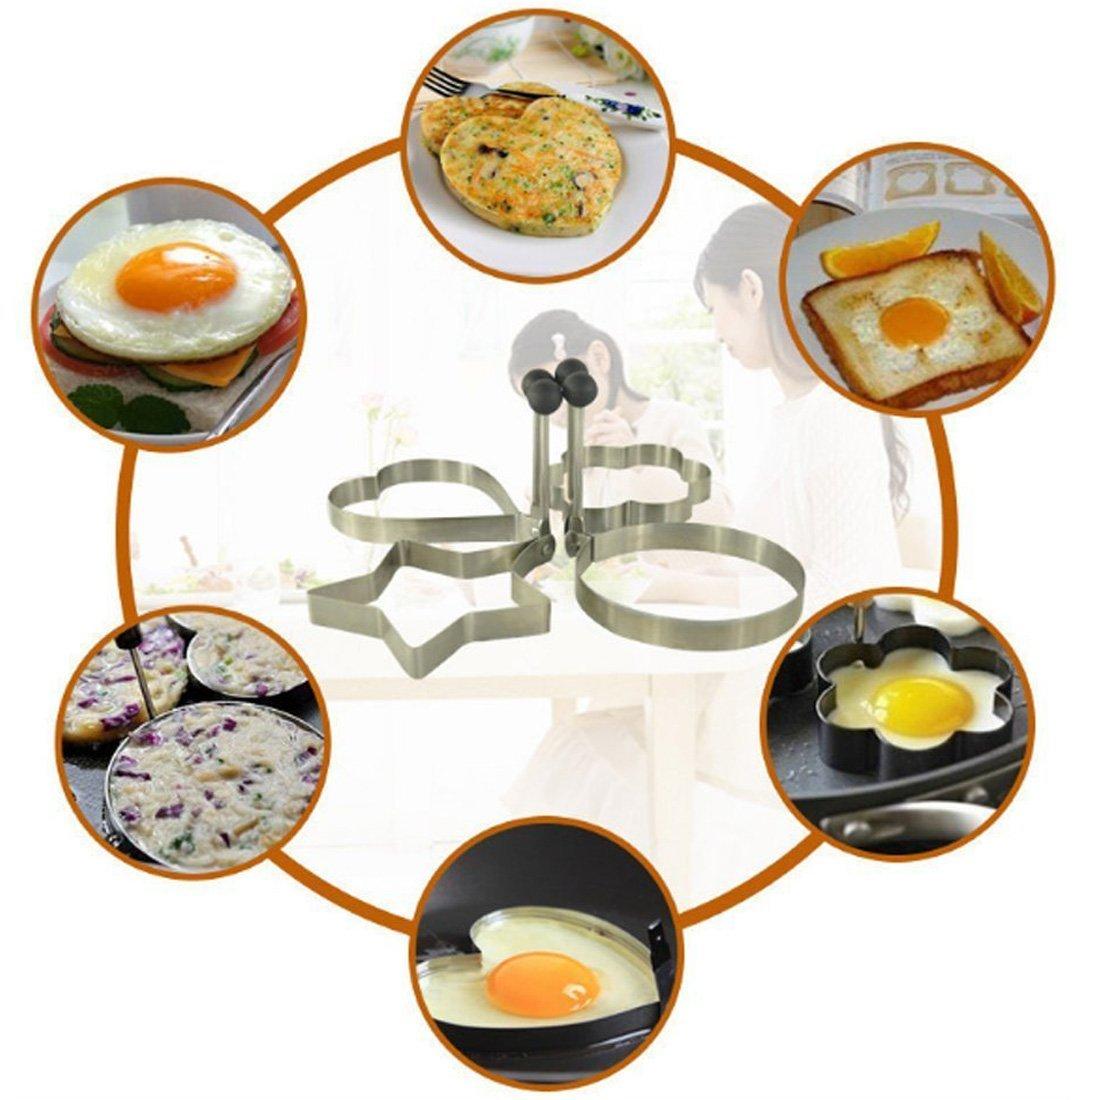 Amazon.com: eDealMax cocina de acero inoxidable antiadherente tortilla de huevo molde del molde de la crepe Anillo talladora con mango plegable (4 en 1): ...